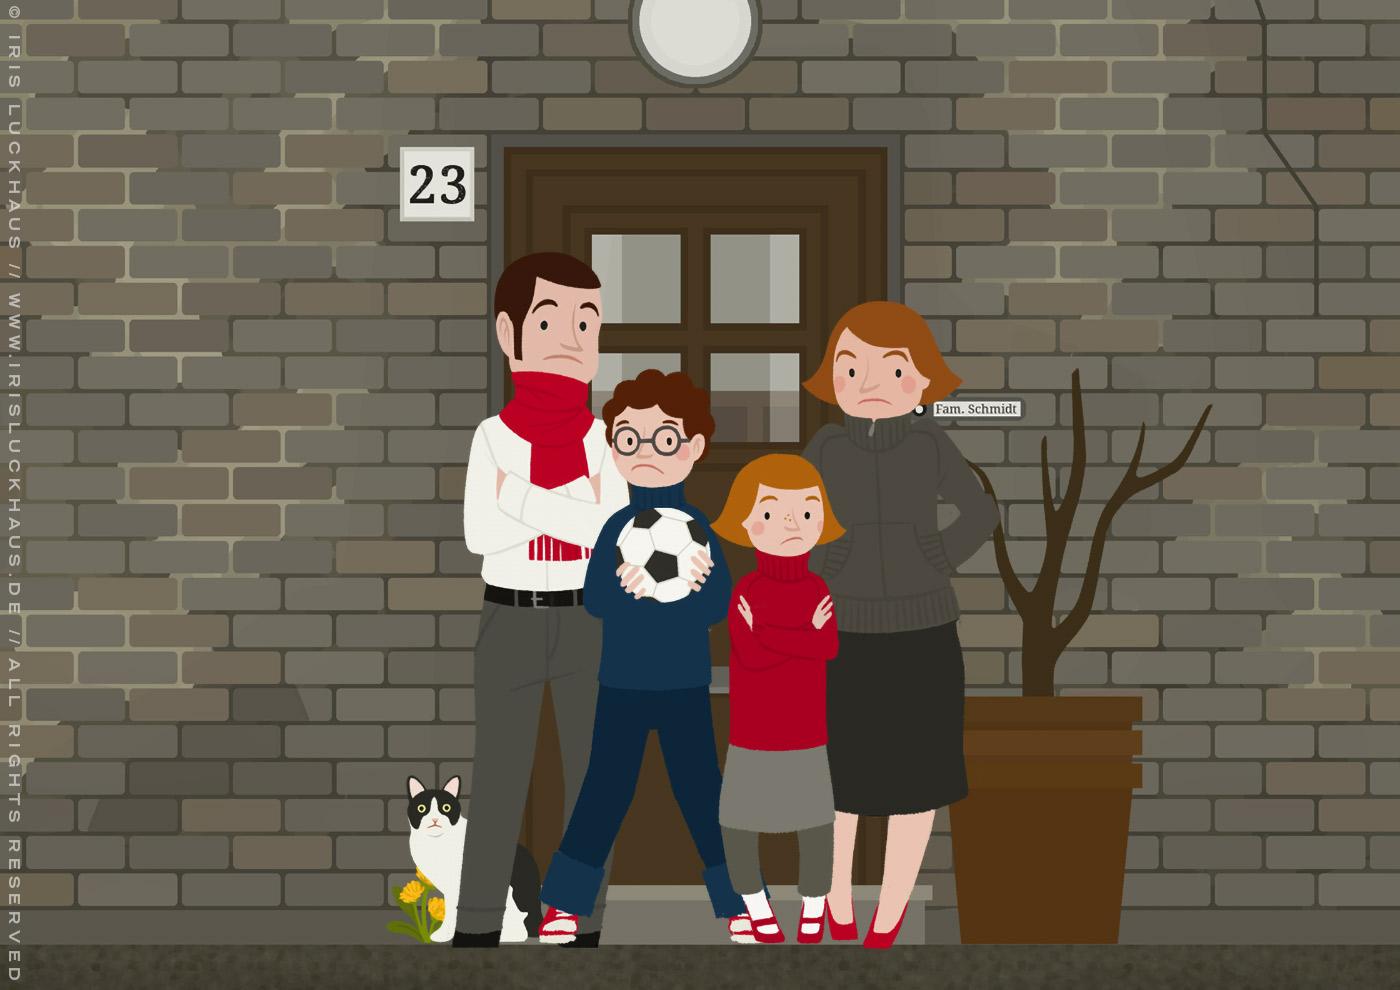 Familie Schmidt aus dem faltbaren Haus für die Sparkasse